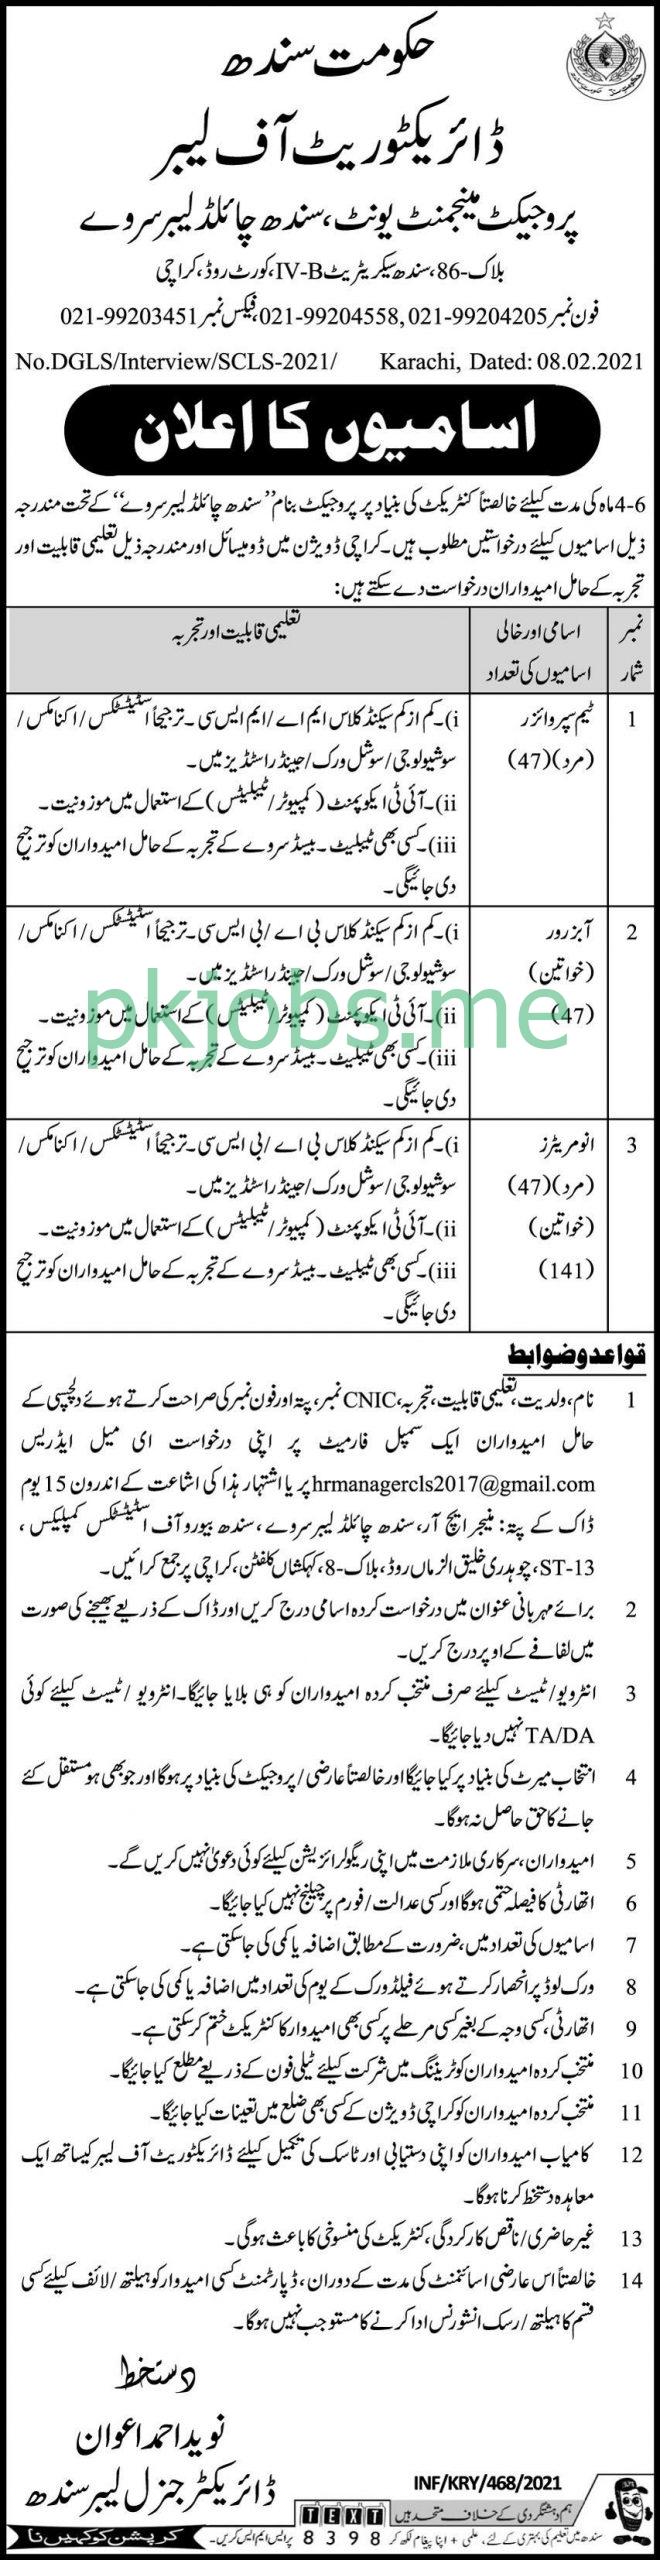 Latest Child Labour Survey Sindh Posts 2021